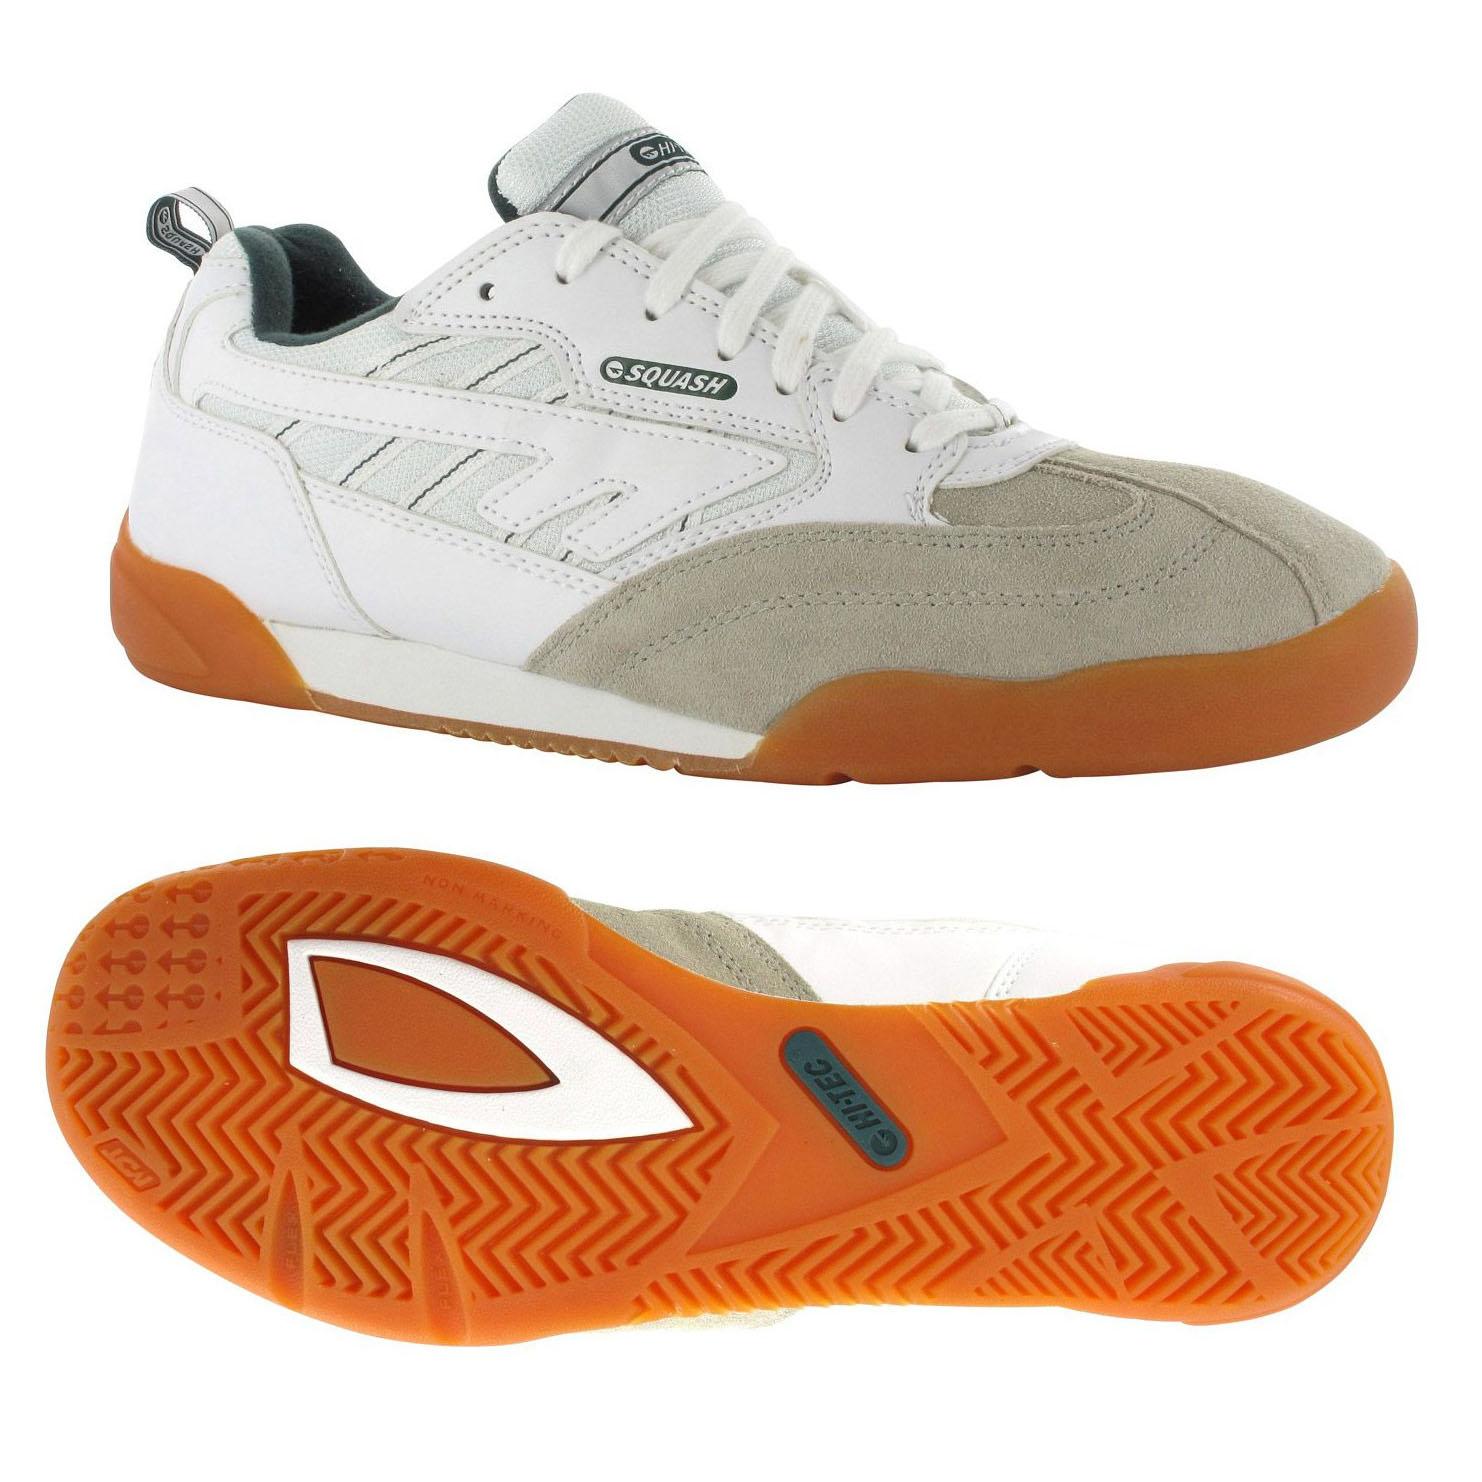 Hi-Tec Squash Classic Shoes - 7 UK